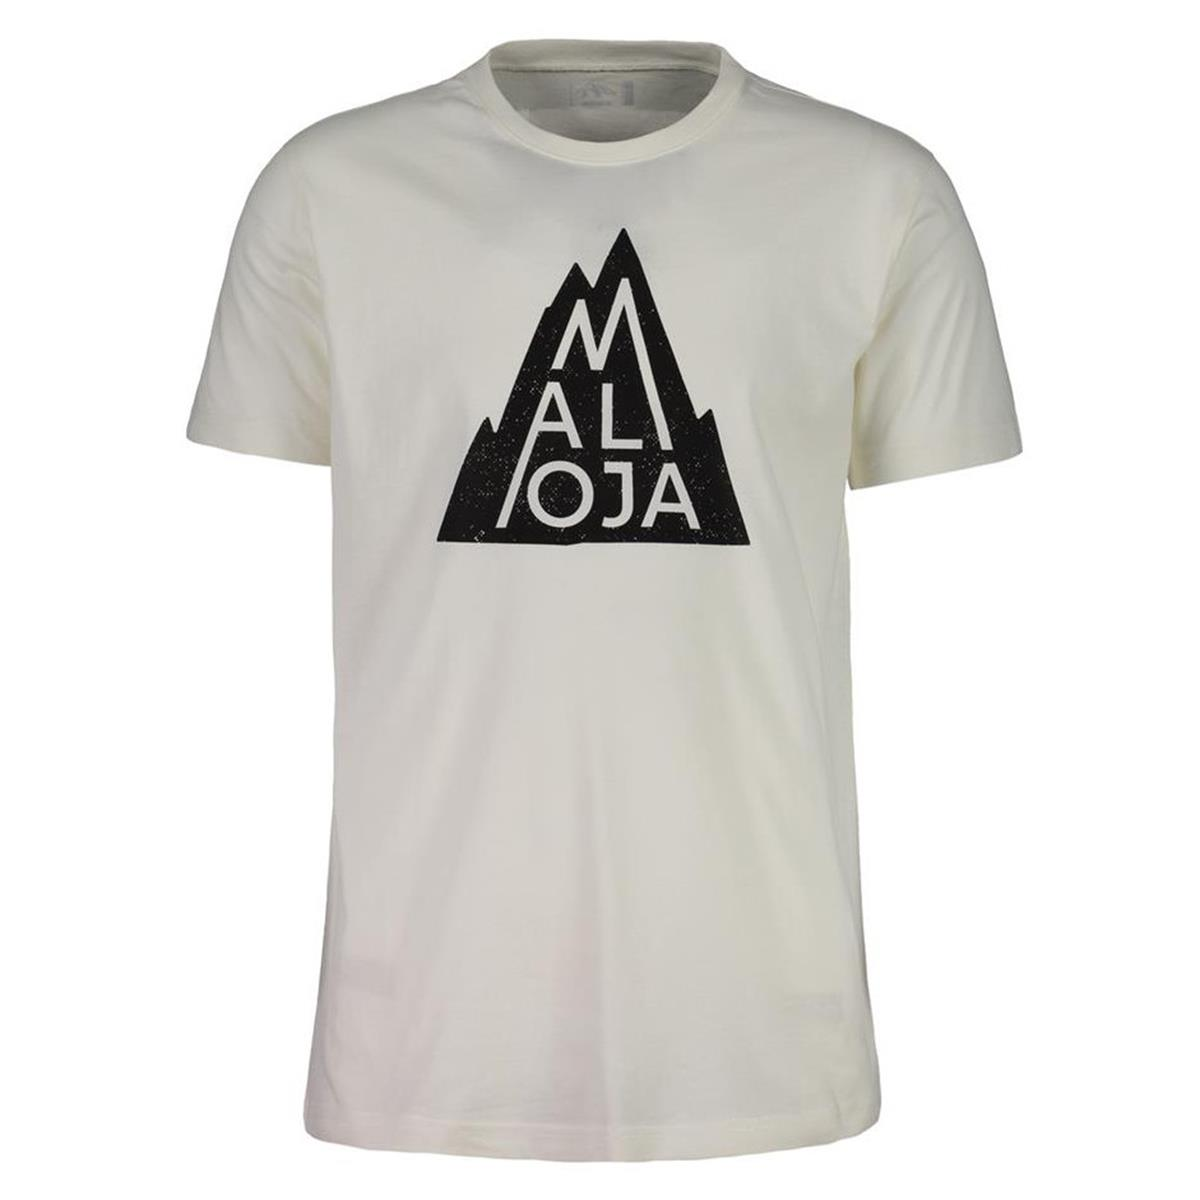 Maloja T-Shirt ChristiamM. Vintage White